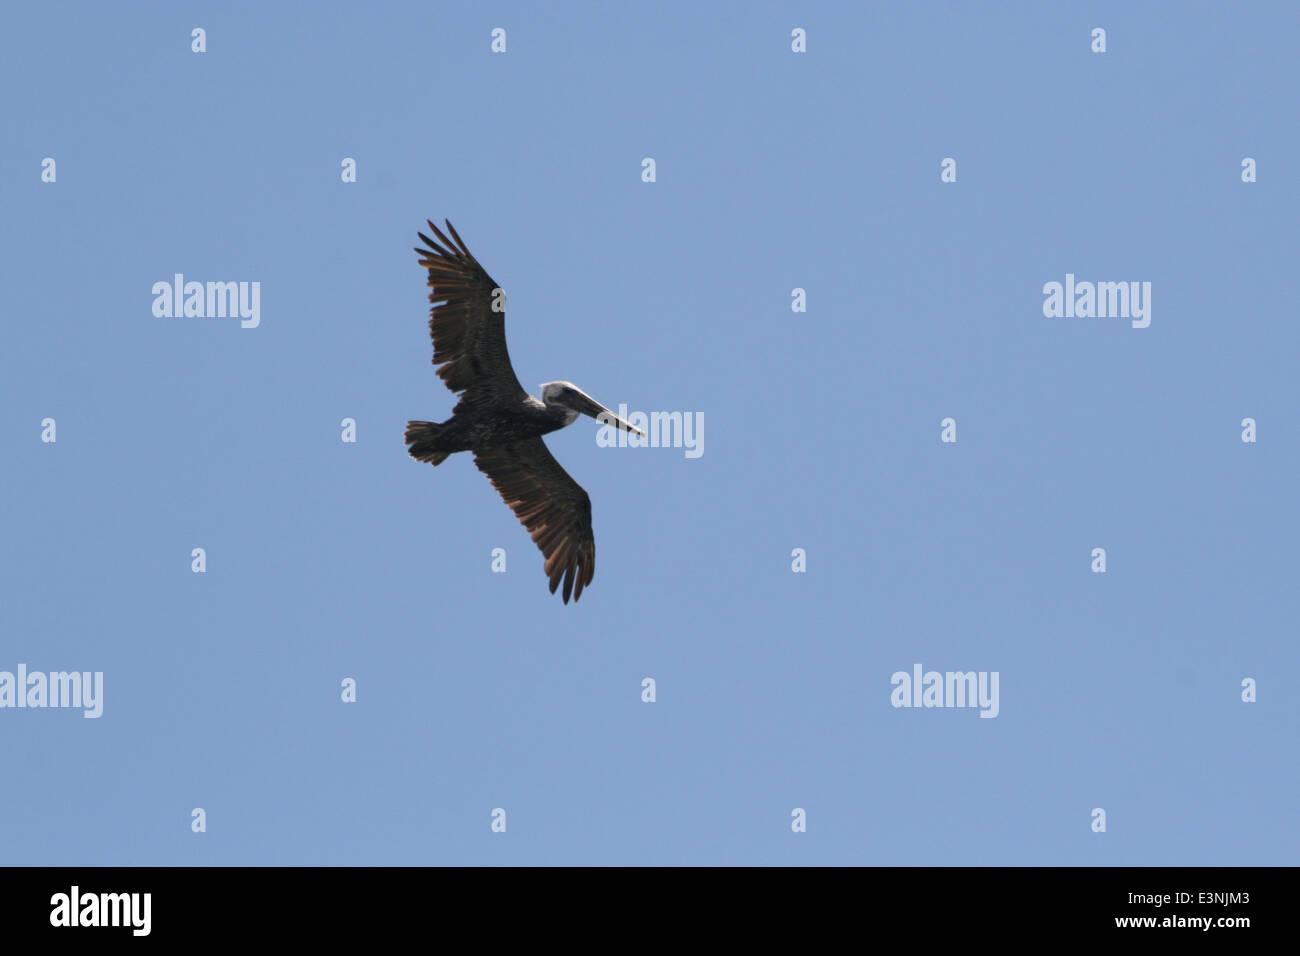 Pelikan in der Luft - Stock Image